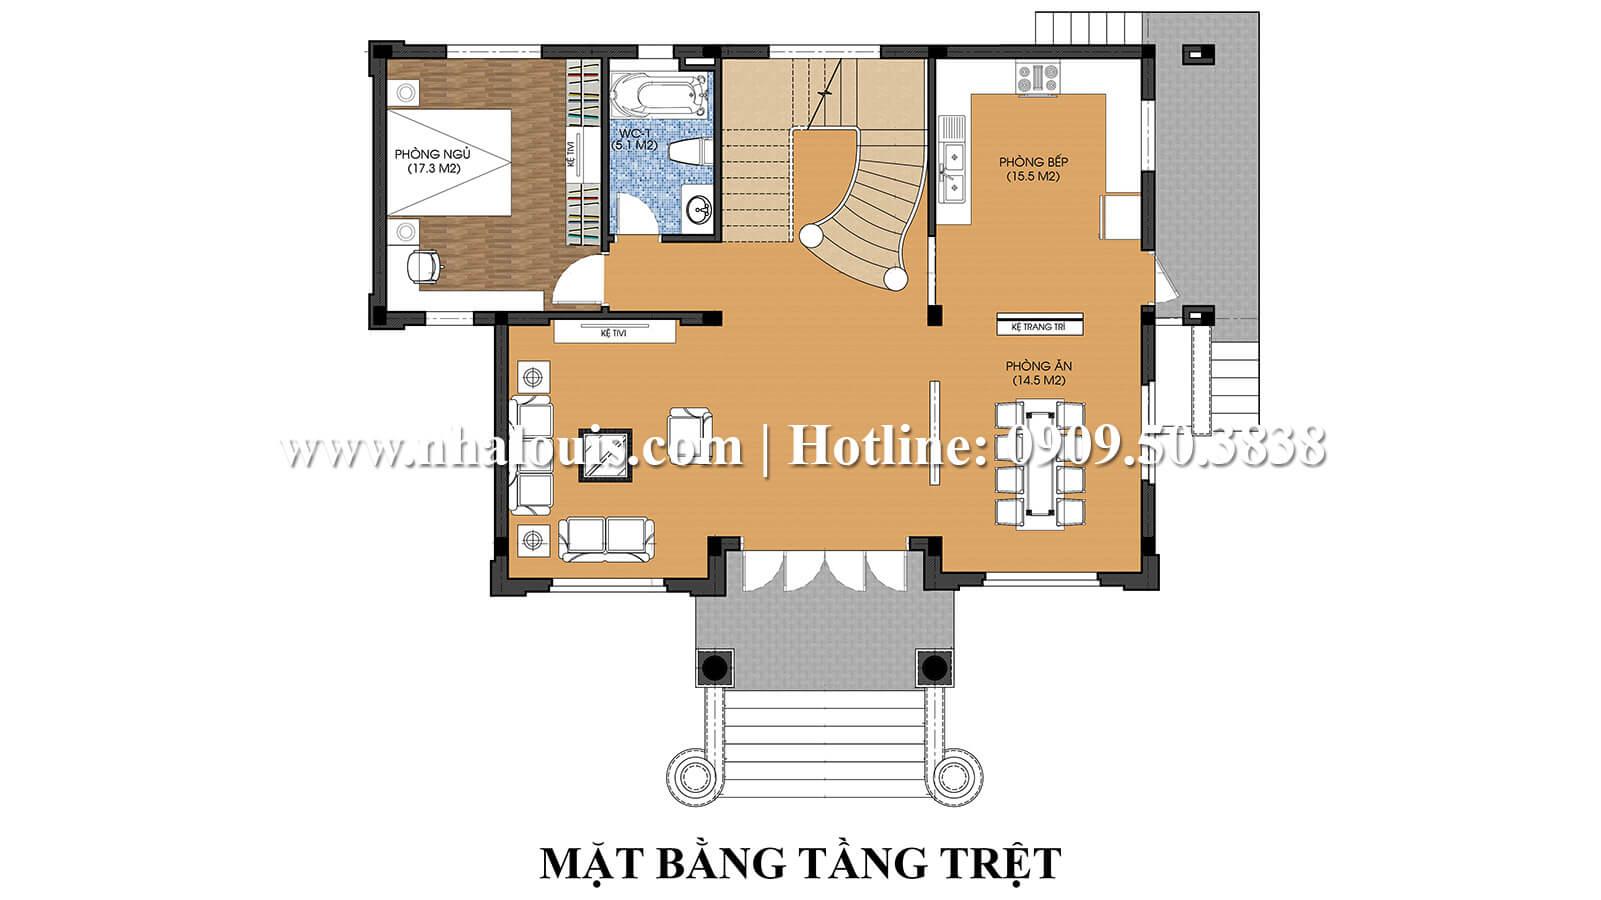 Mặt bằng tầng trệt Thiết kế nội thất biệt thự hiện đại đẹp 3 tầng tại Vũng Tàu